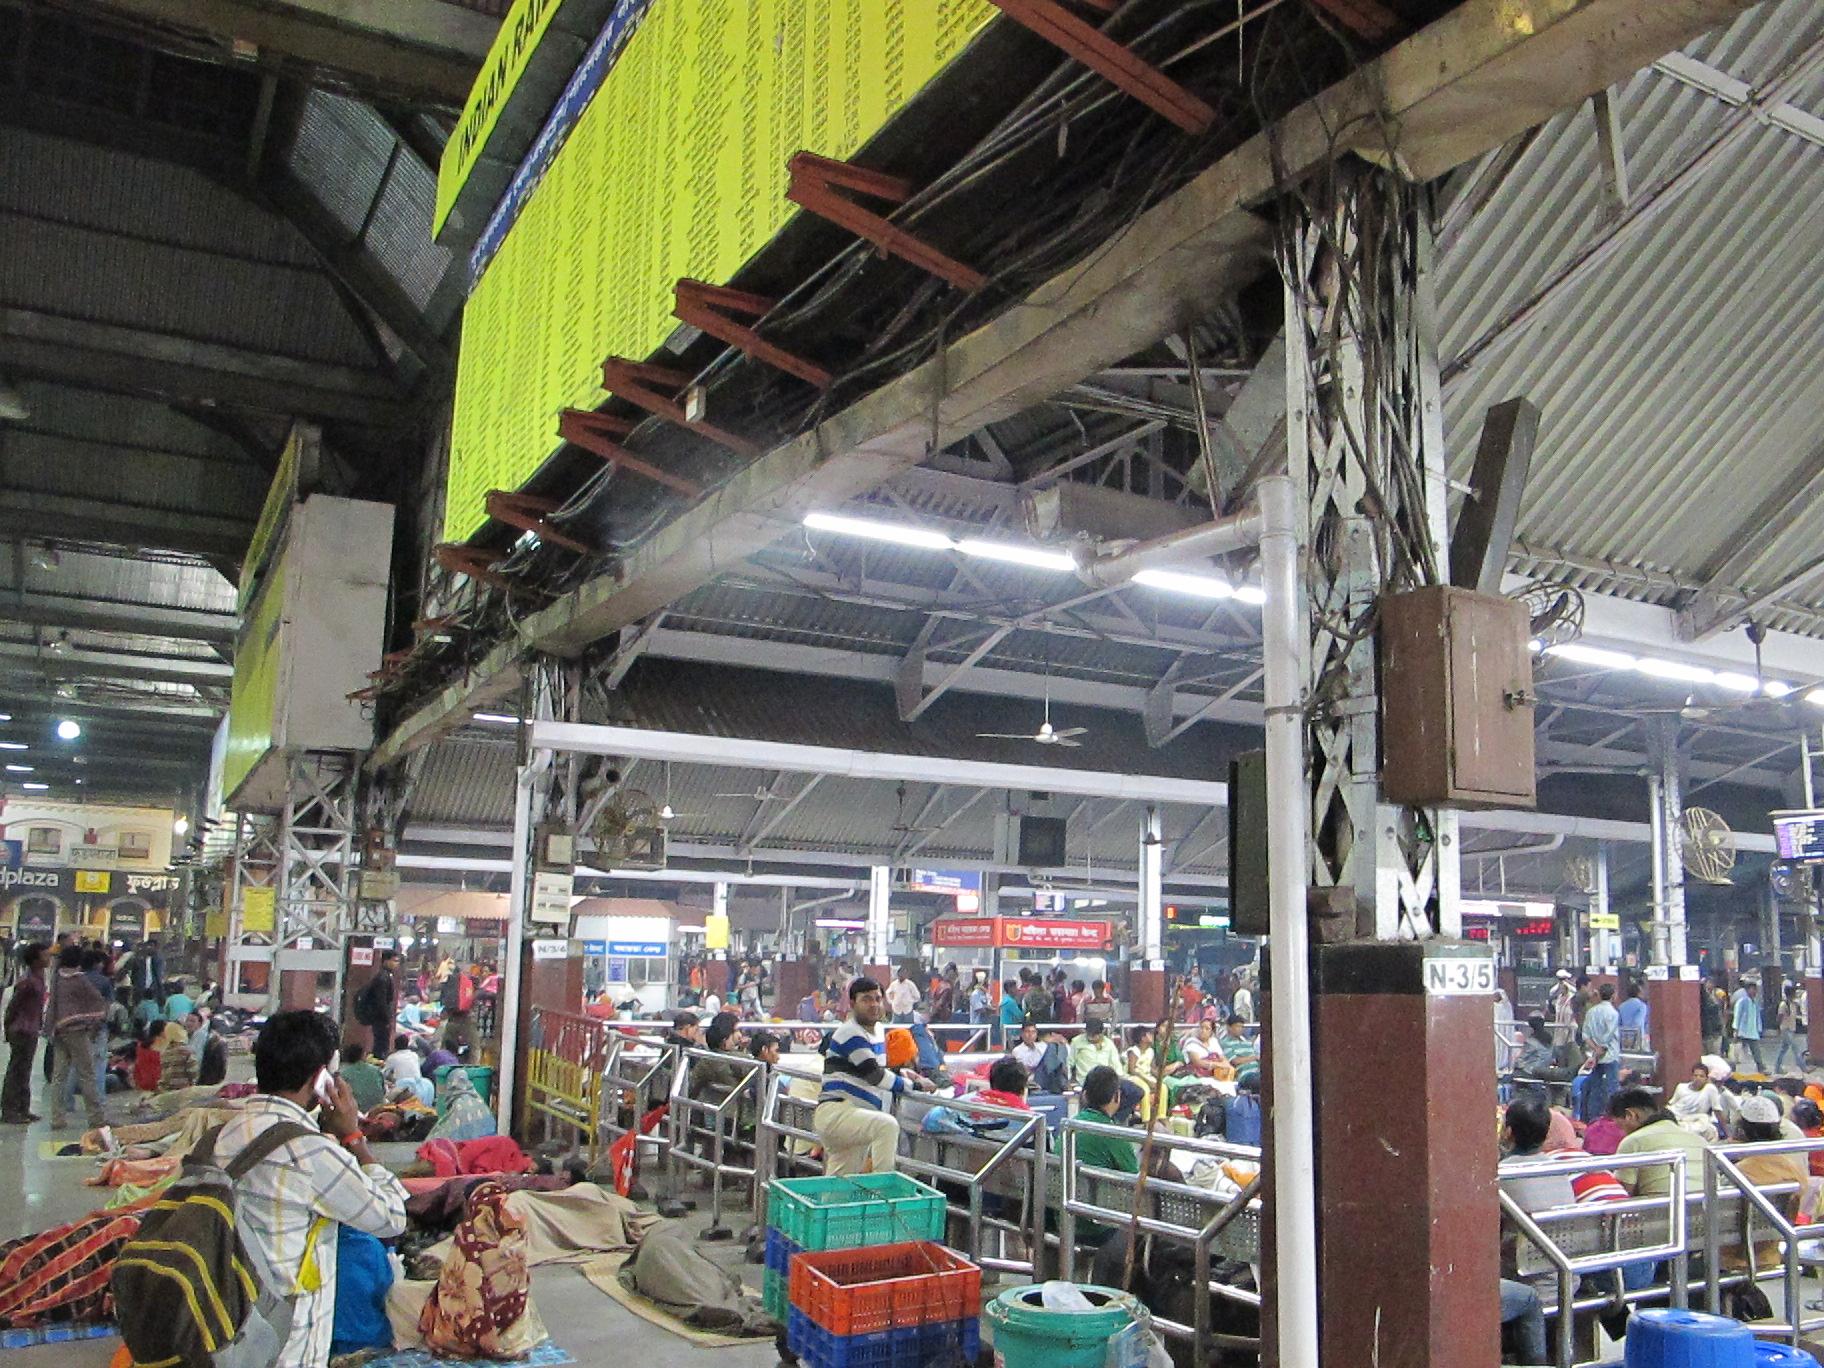 Железнодорожная станция Ховра (Howrah Junction), Калькутта, Индия